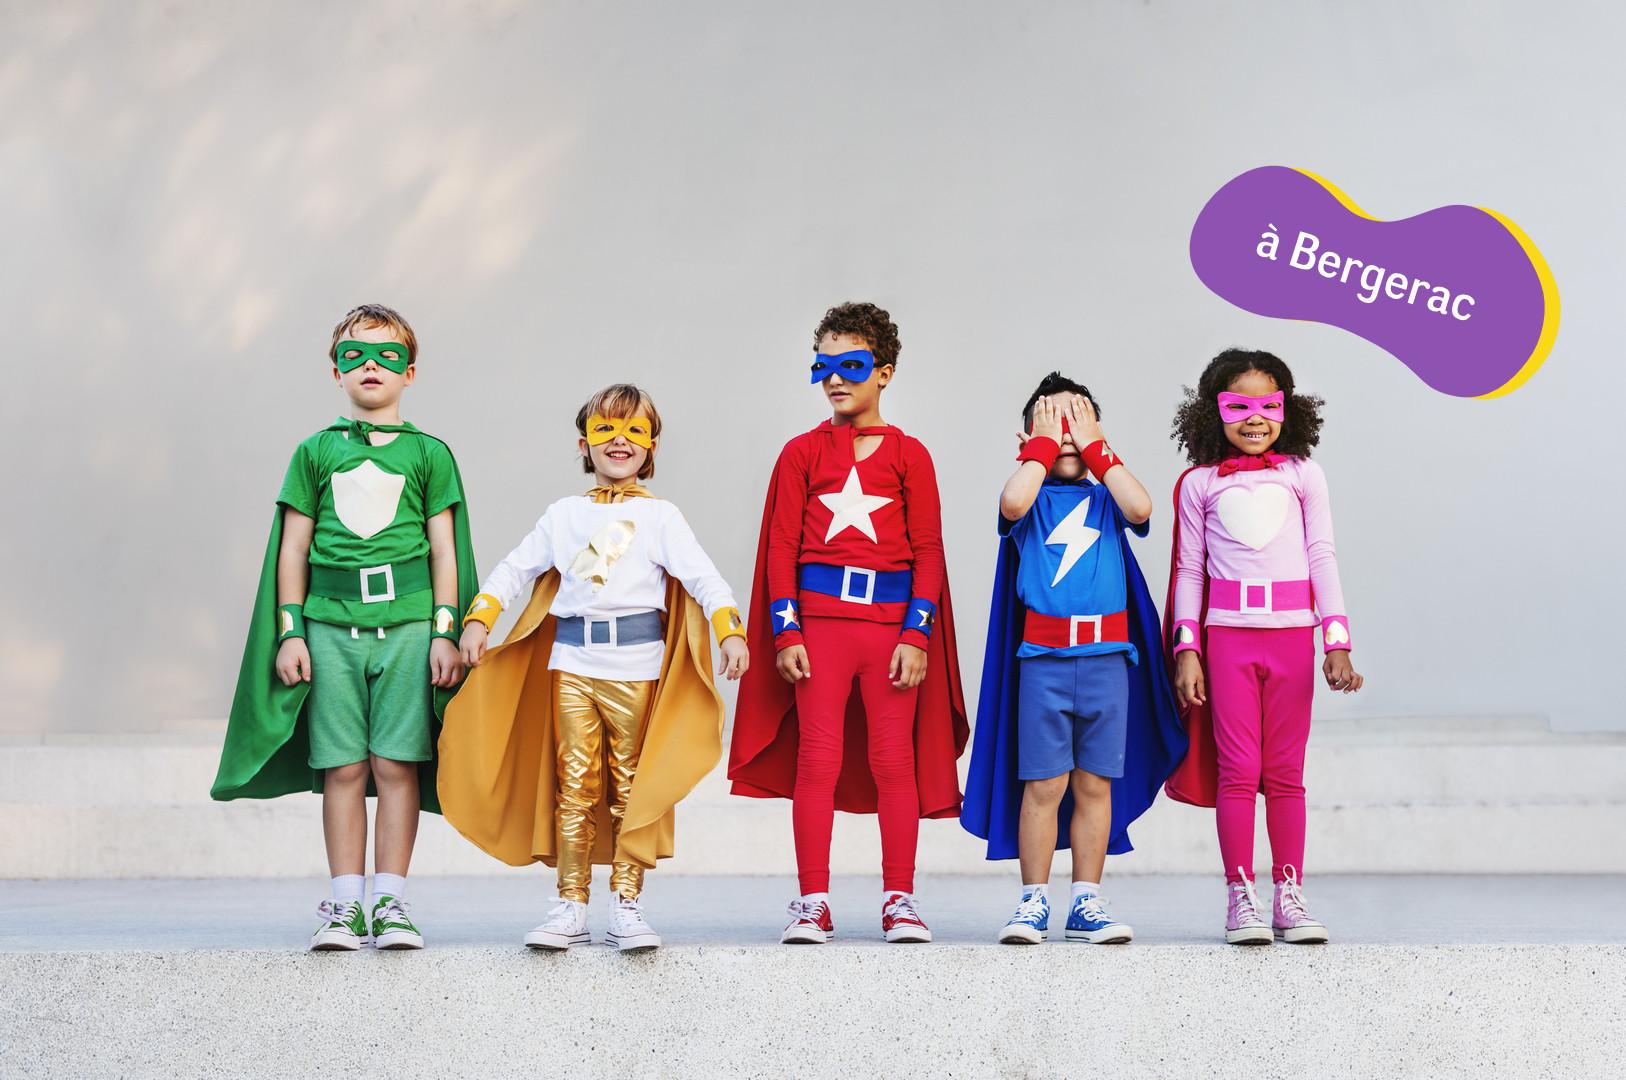 Ateliers pour enfants curieux et créatifs à Bergerac